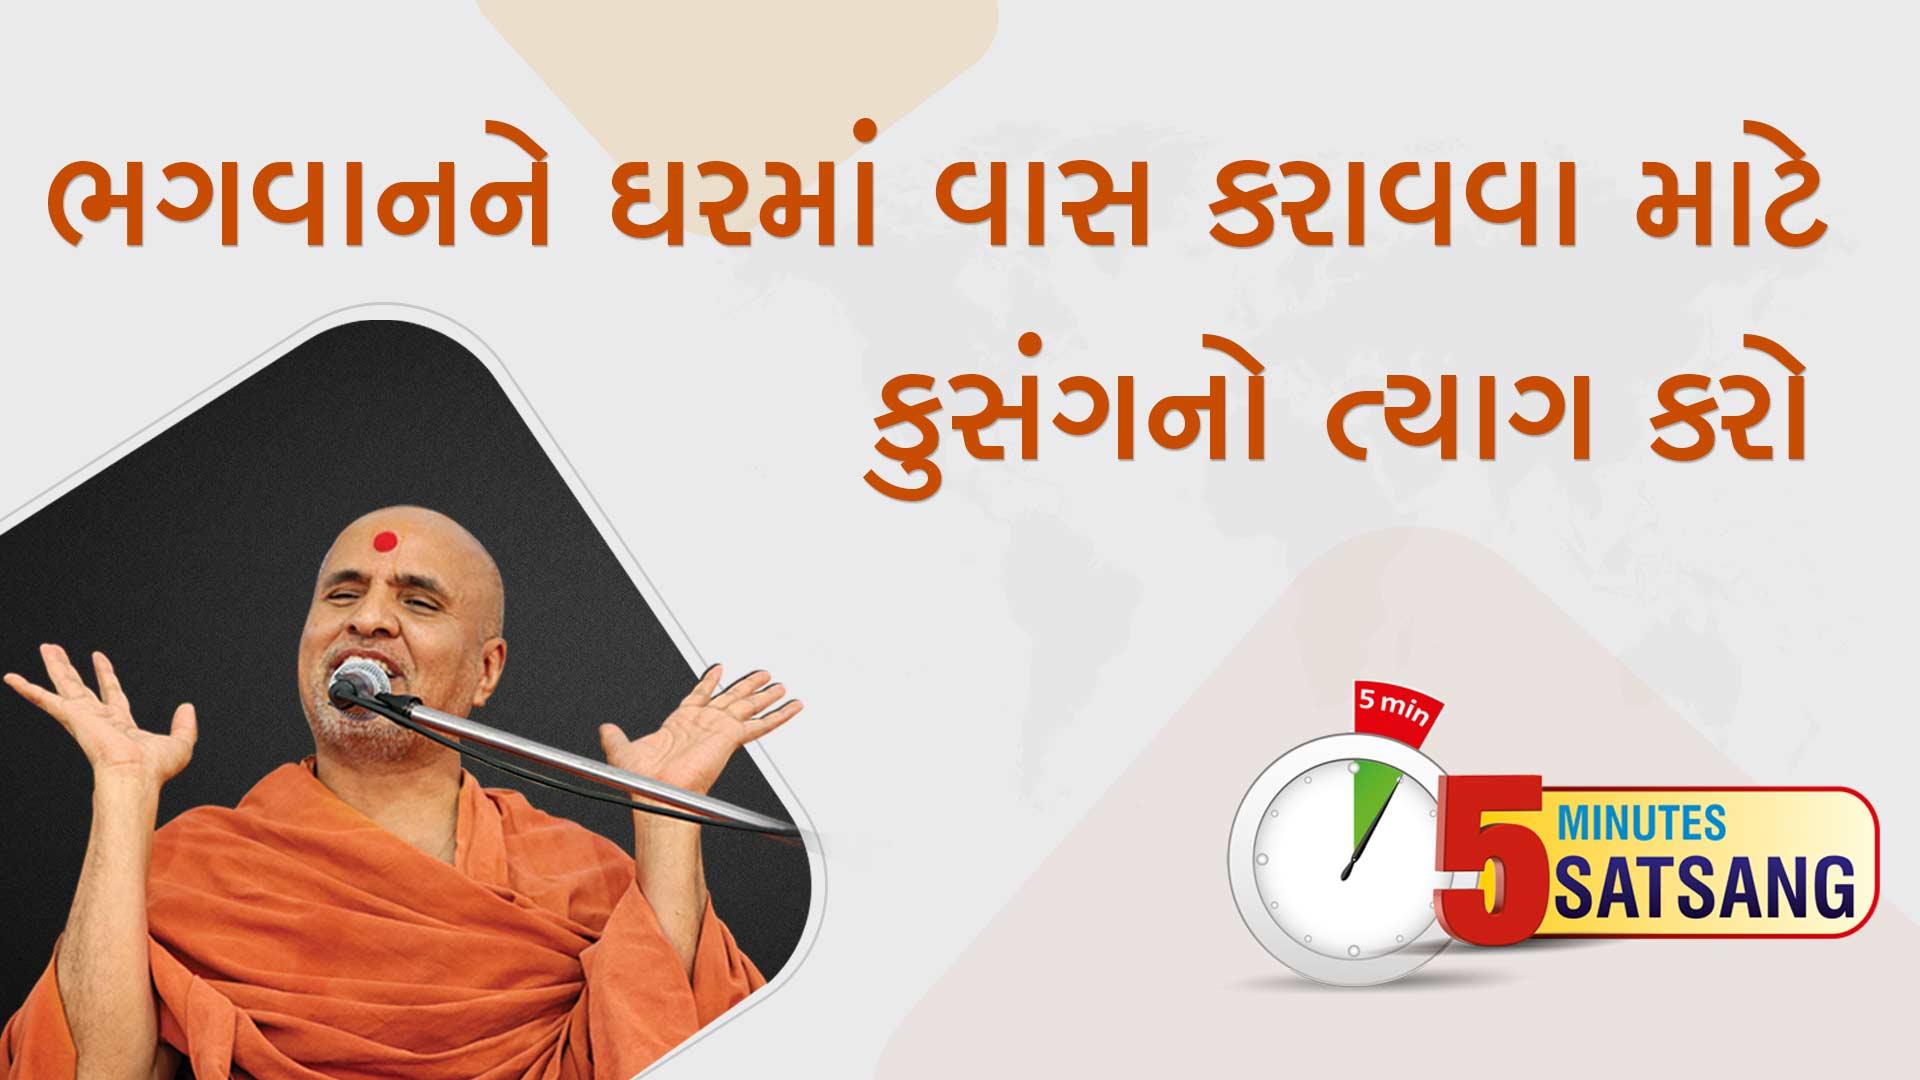 Bhagavan Ne Ghar Ma Vas Karavava Mate : Kusang No Tyag Karo | 5 Minutes Satsang | HDH Swamishri